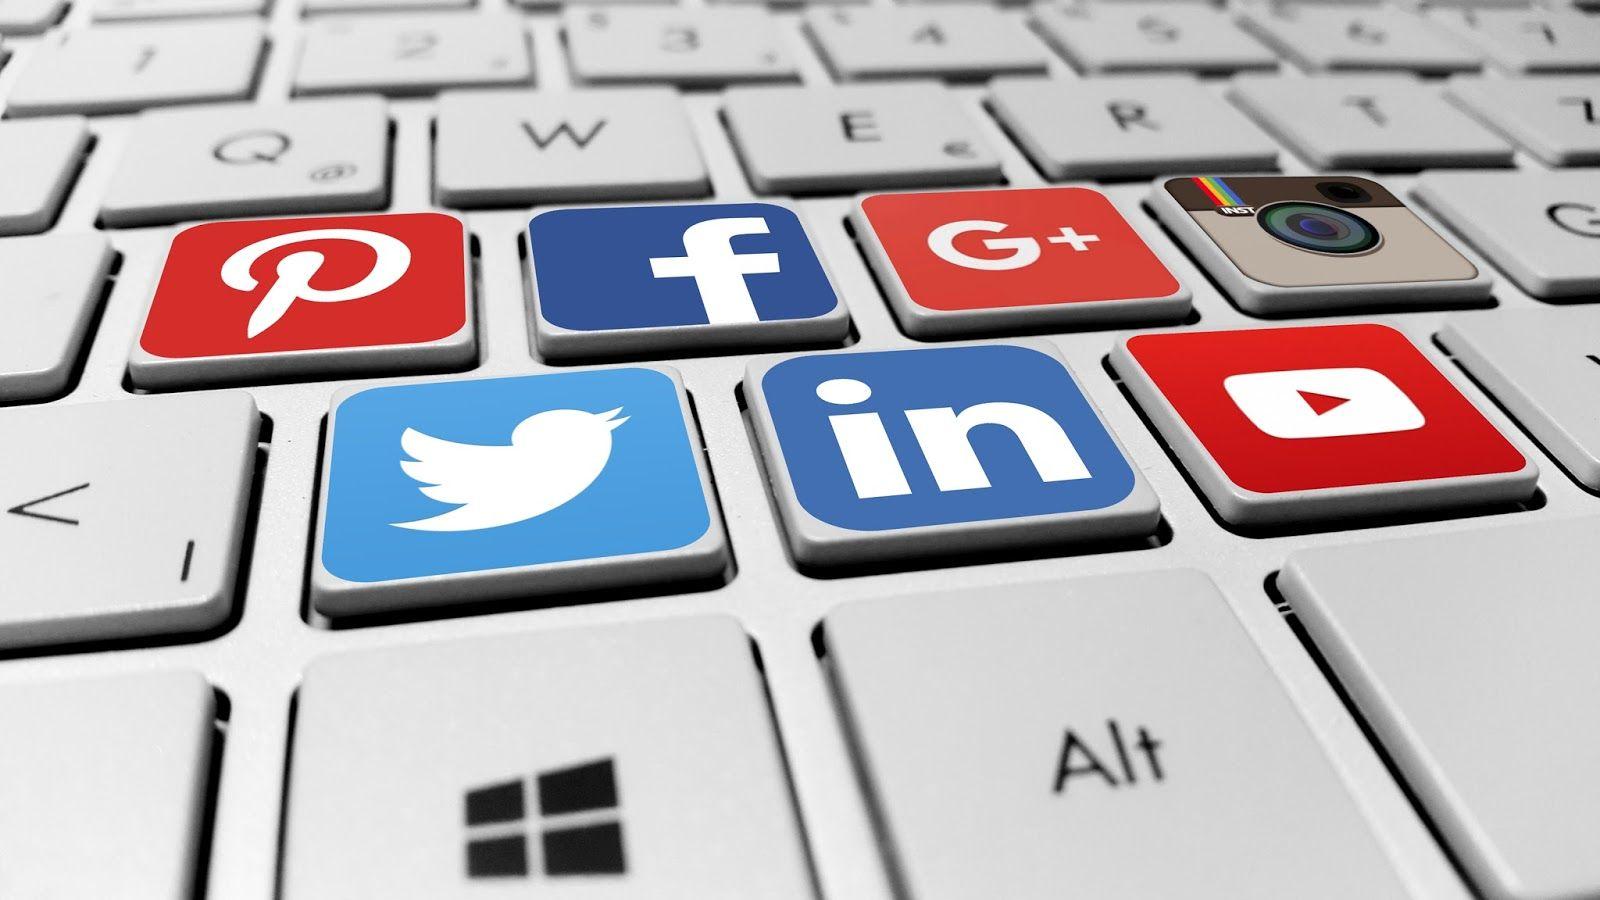 Чиновники начали достойнее вести себя в соцсетях – АДГСПК